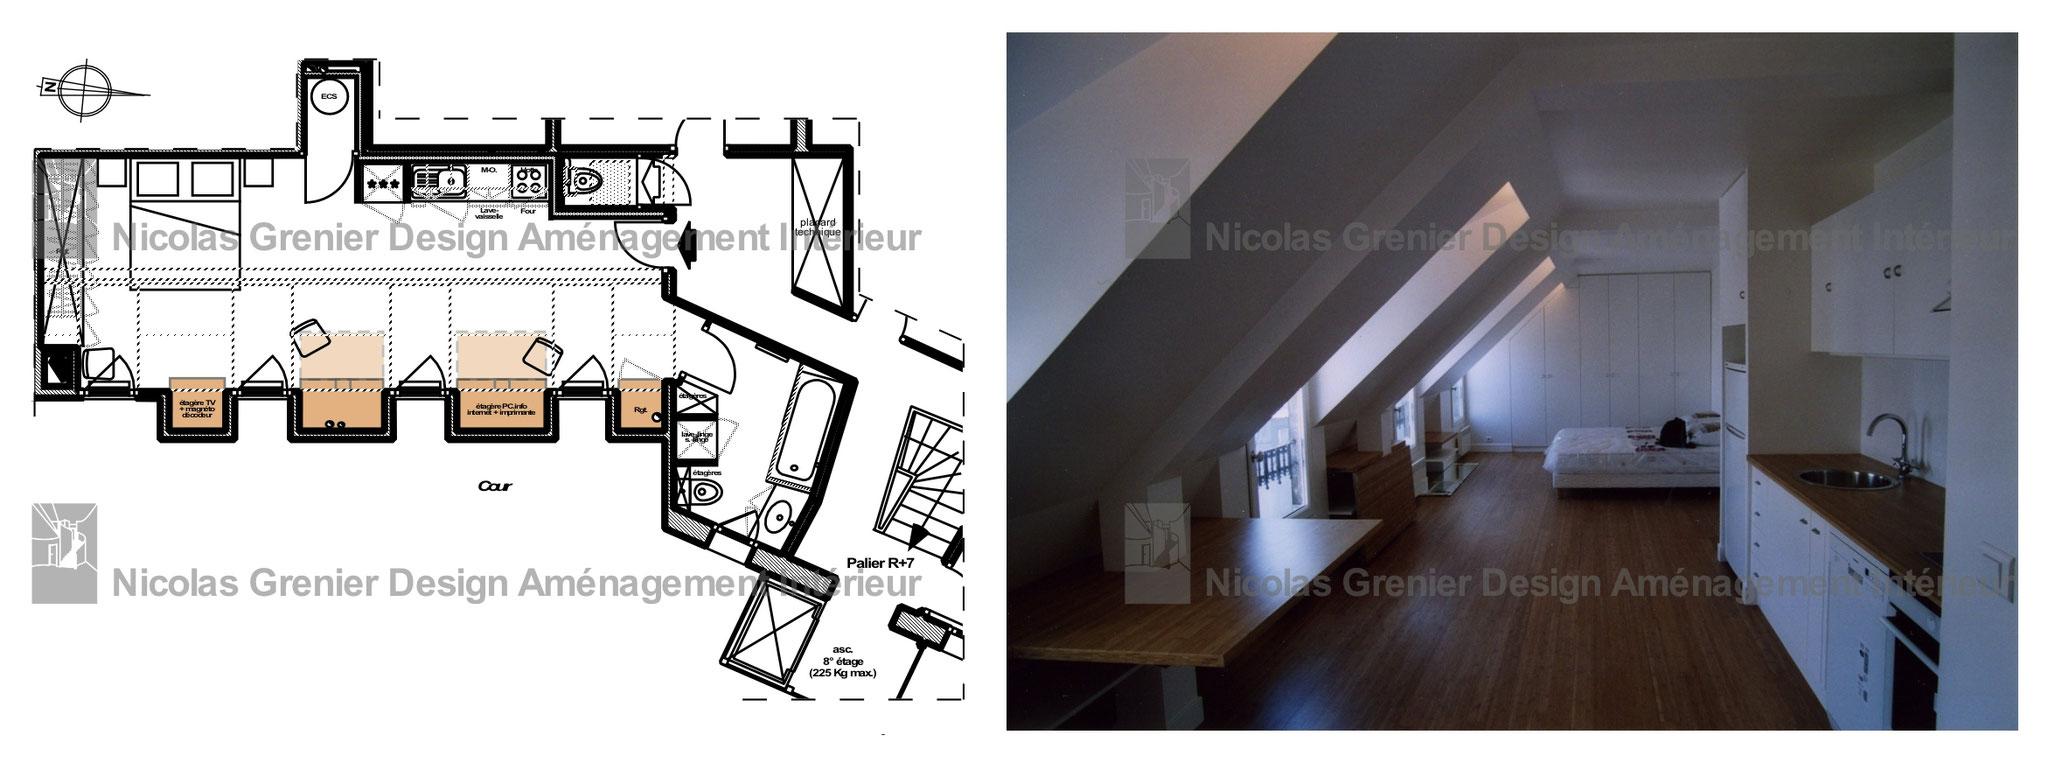 Aménagement Grenier En Chambre Autorisation quelques prestations - ngdai - nicolas grenier, design